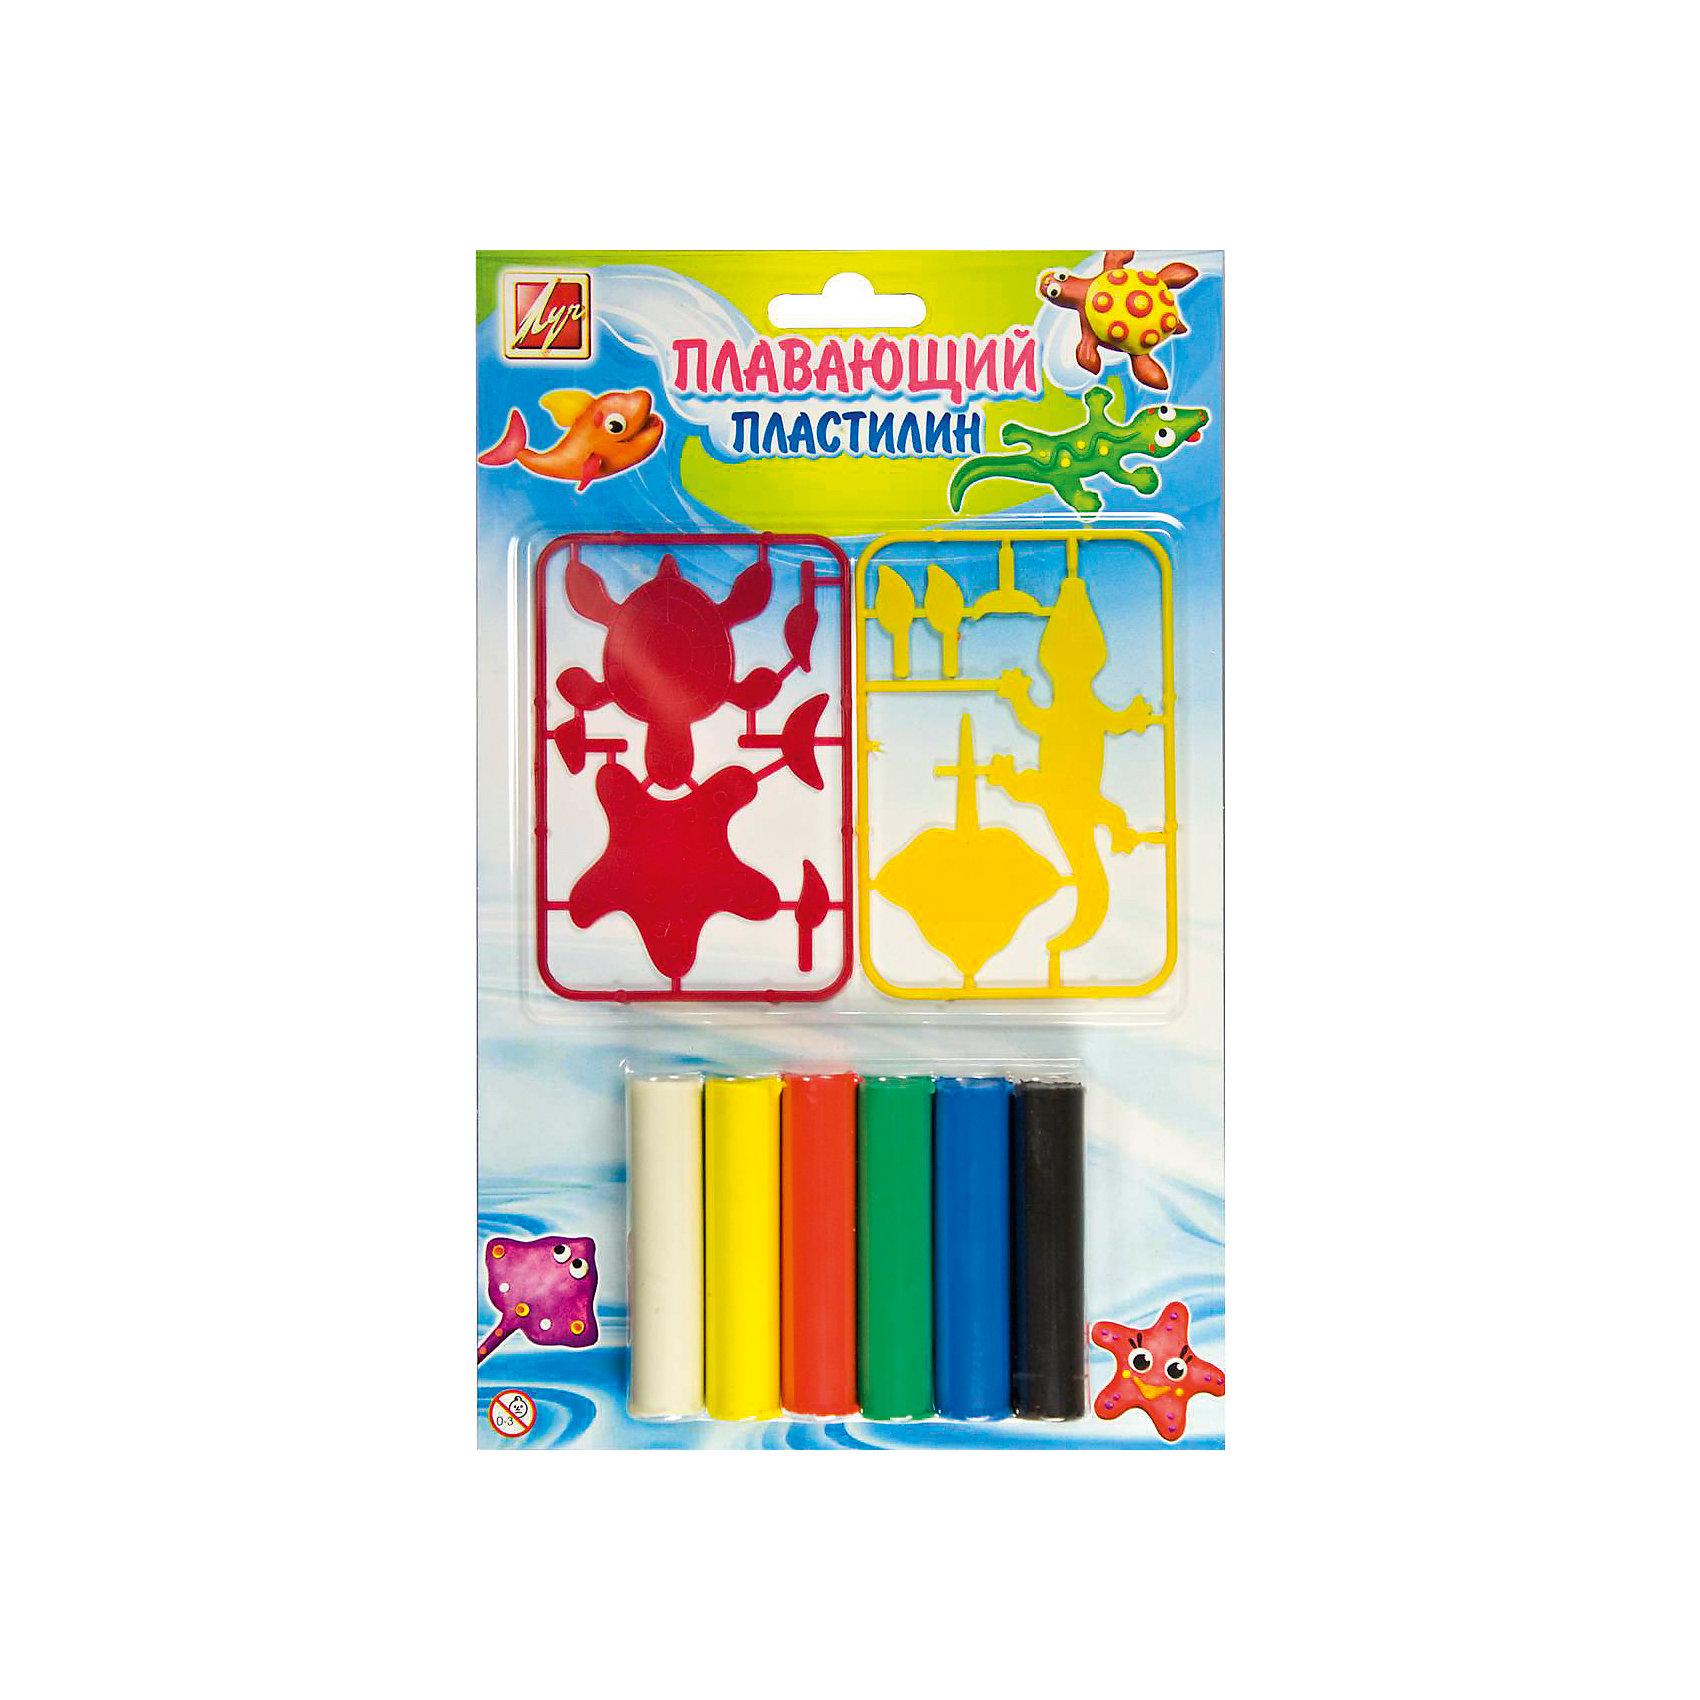 ЛУЧ Набор для творчества плавающий пластилин, 6 цветов луч набор для изготовление мыла машины